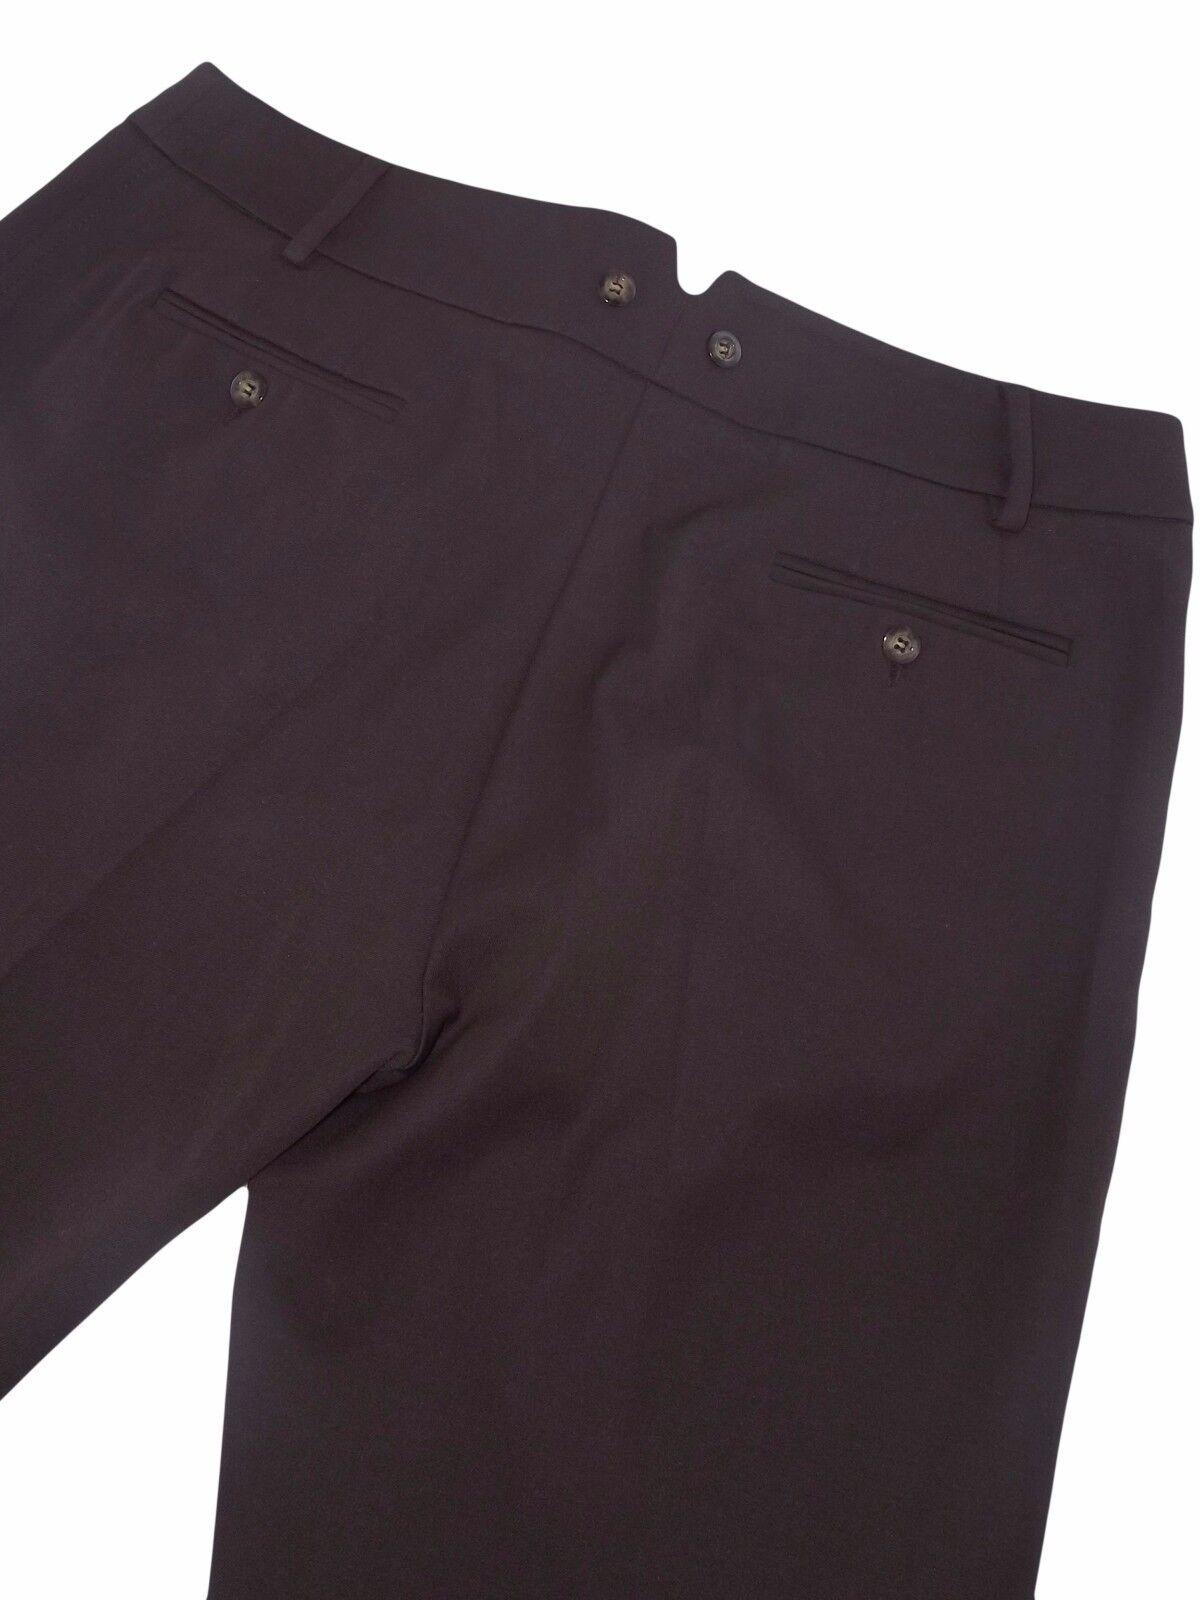 Max mara weekend pantalone Marroneee garcon fit taglia it it it 48 w 34 dritto 7db160